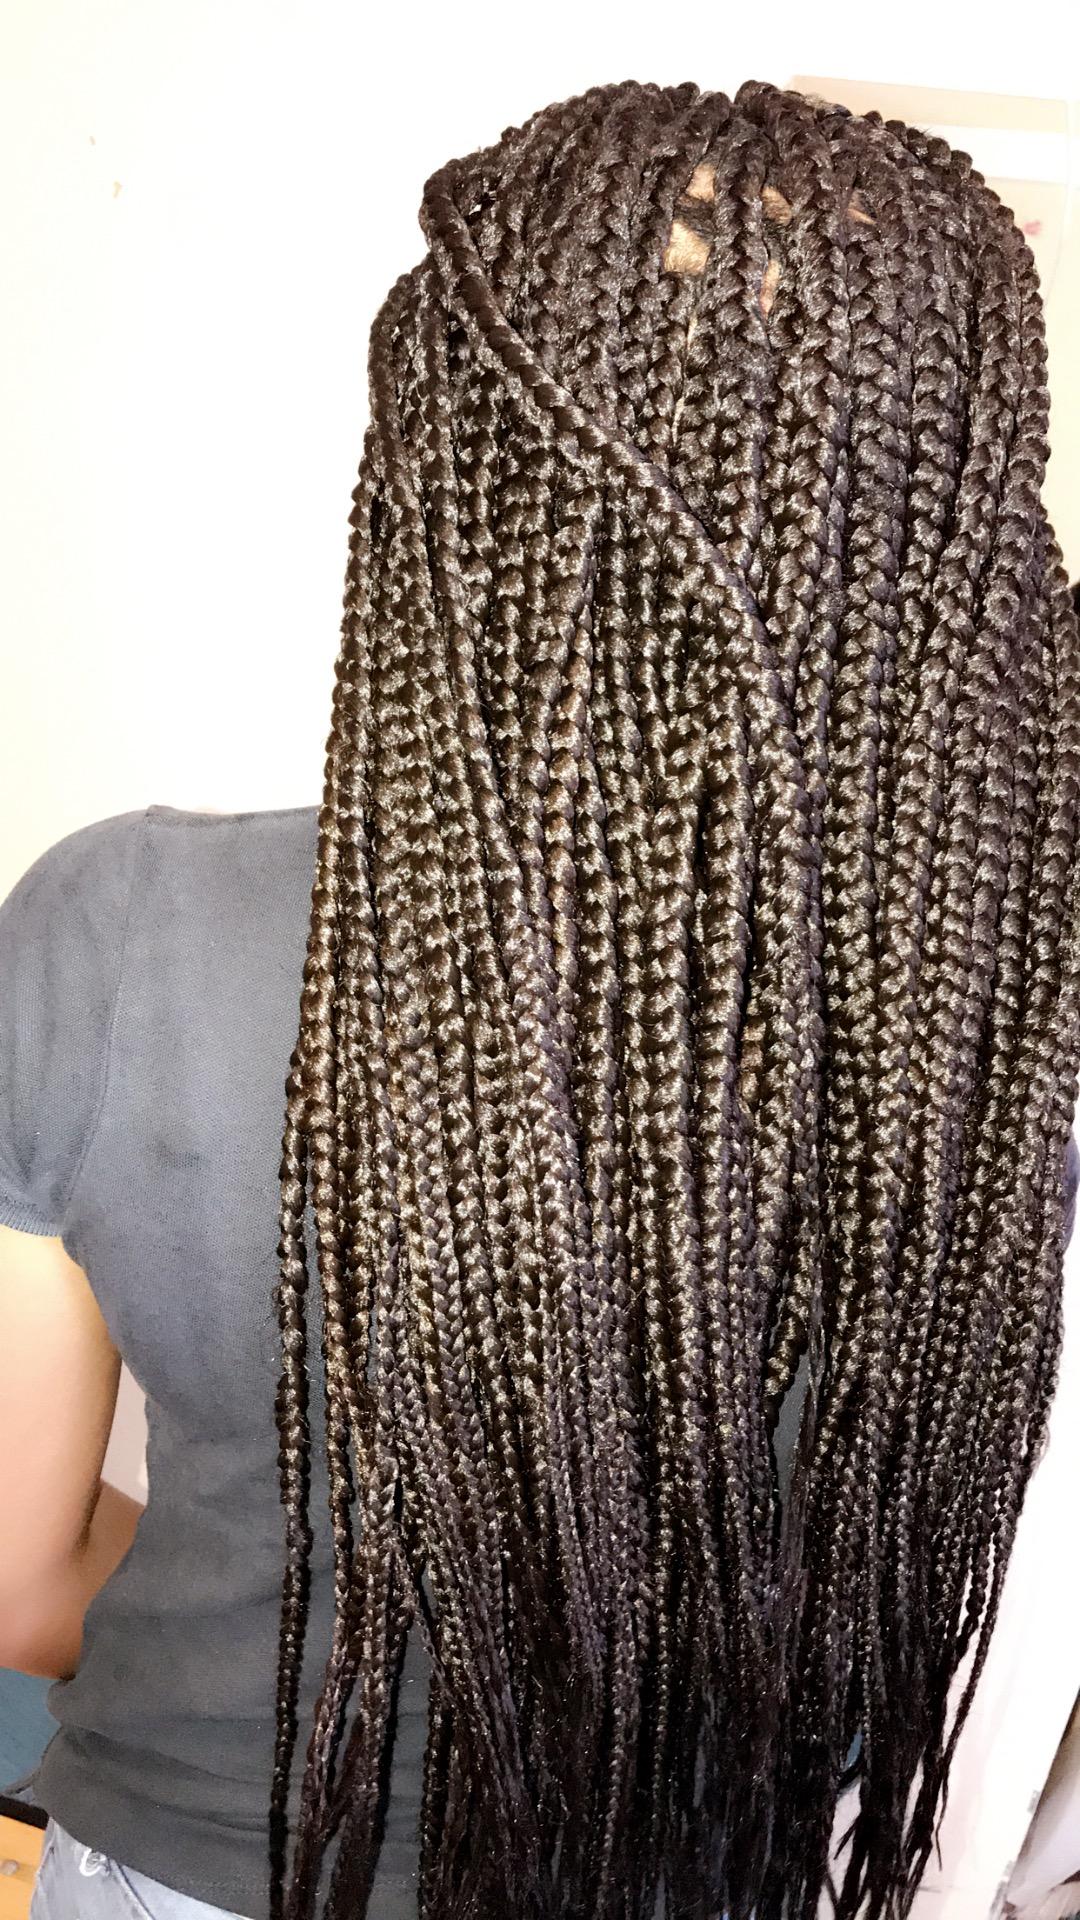 salon de coiffure afro tresse tresses box braids crochet braids vanilles tissages paris 75 77 78 91 92 93 94 95 EGYEESFT